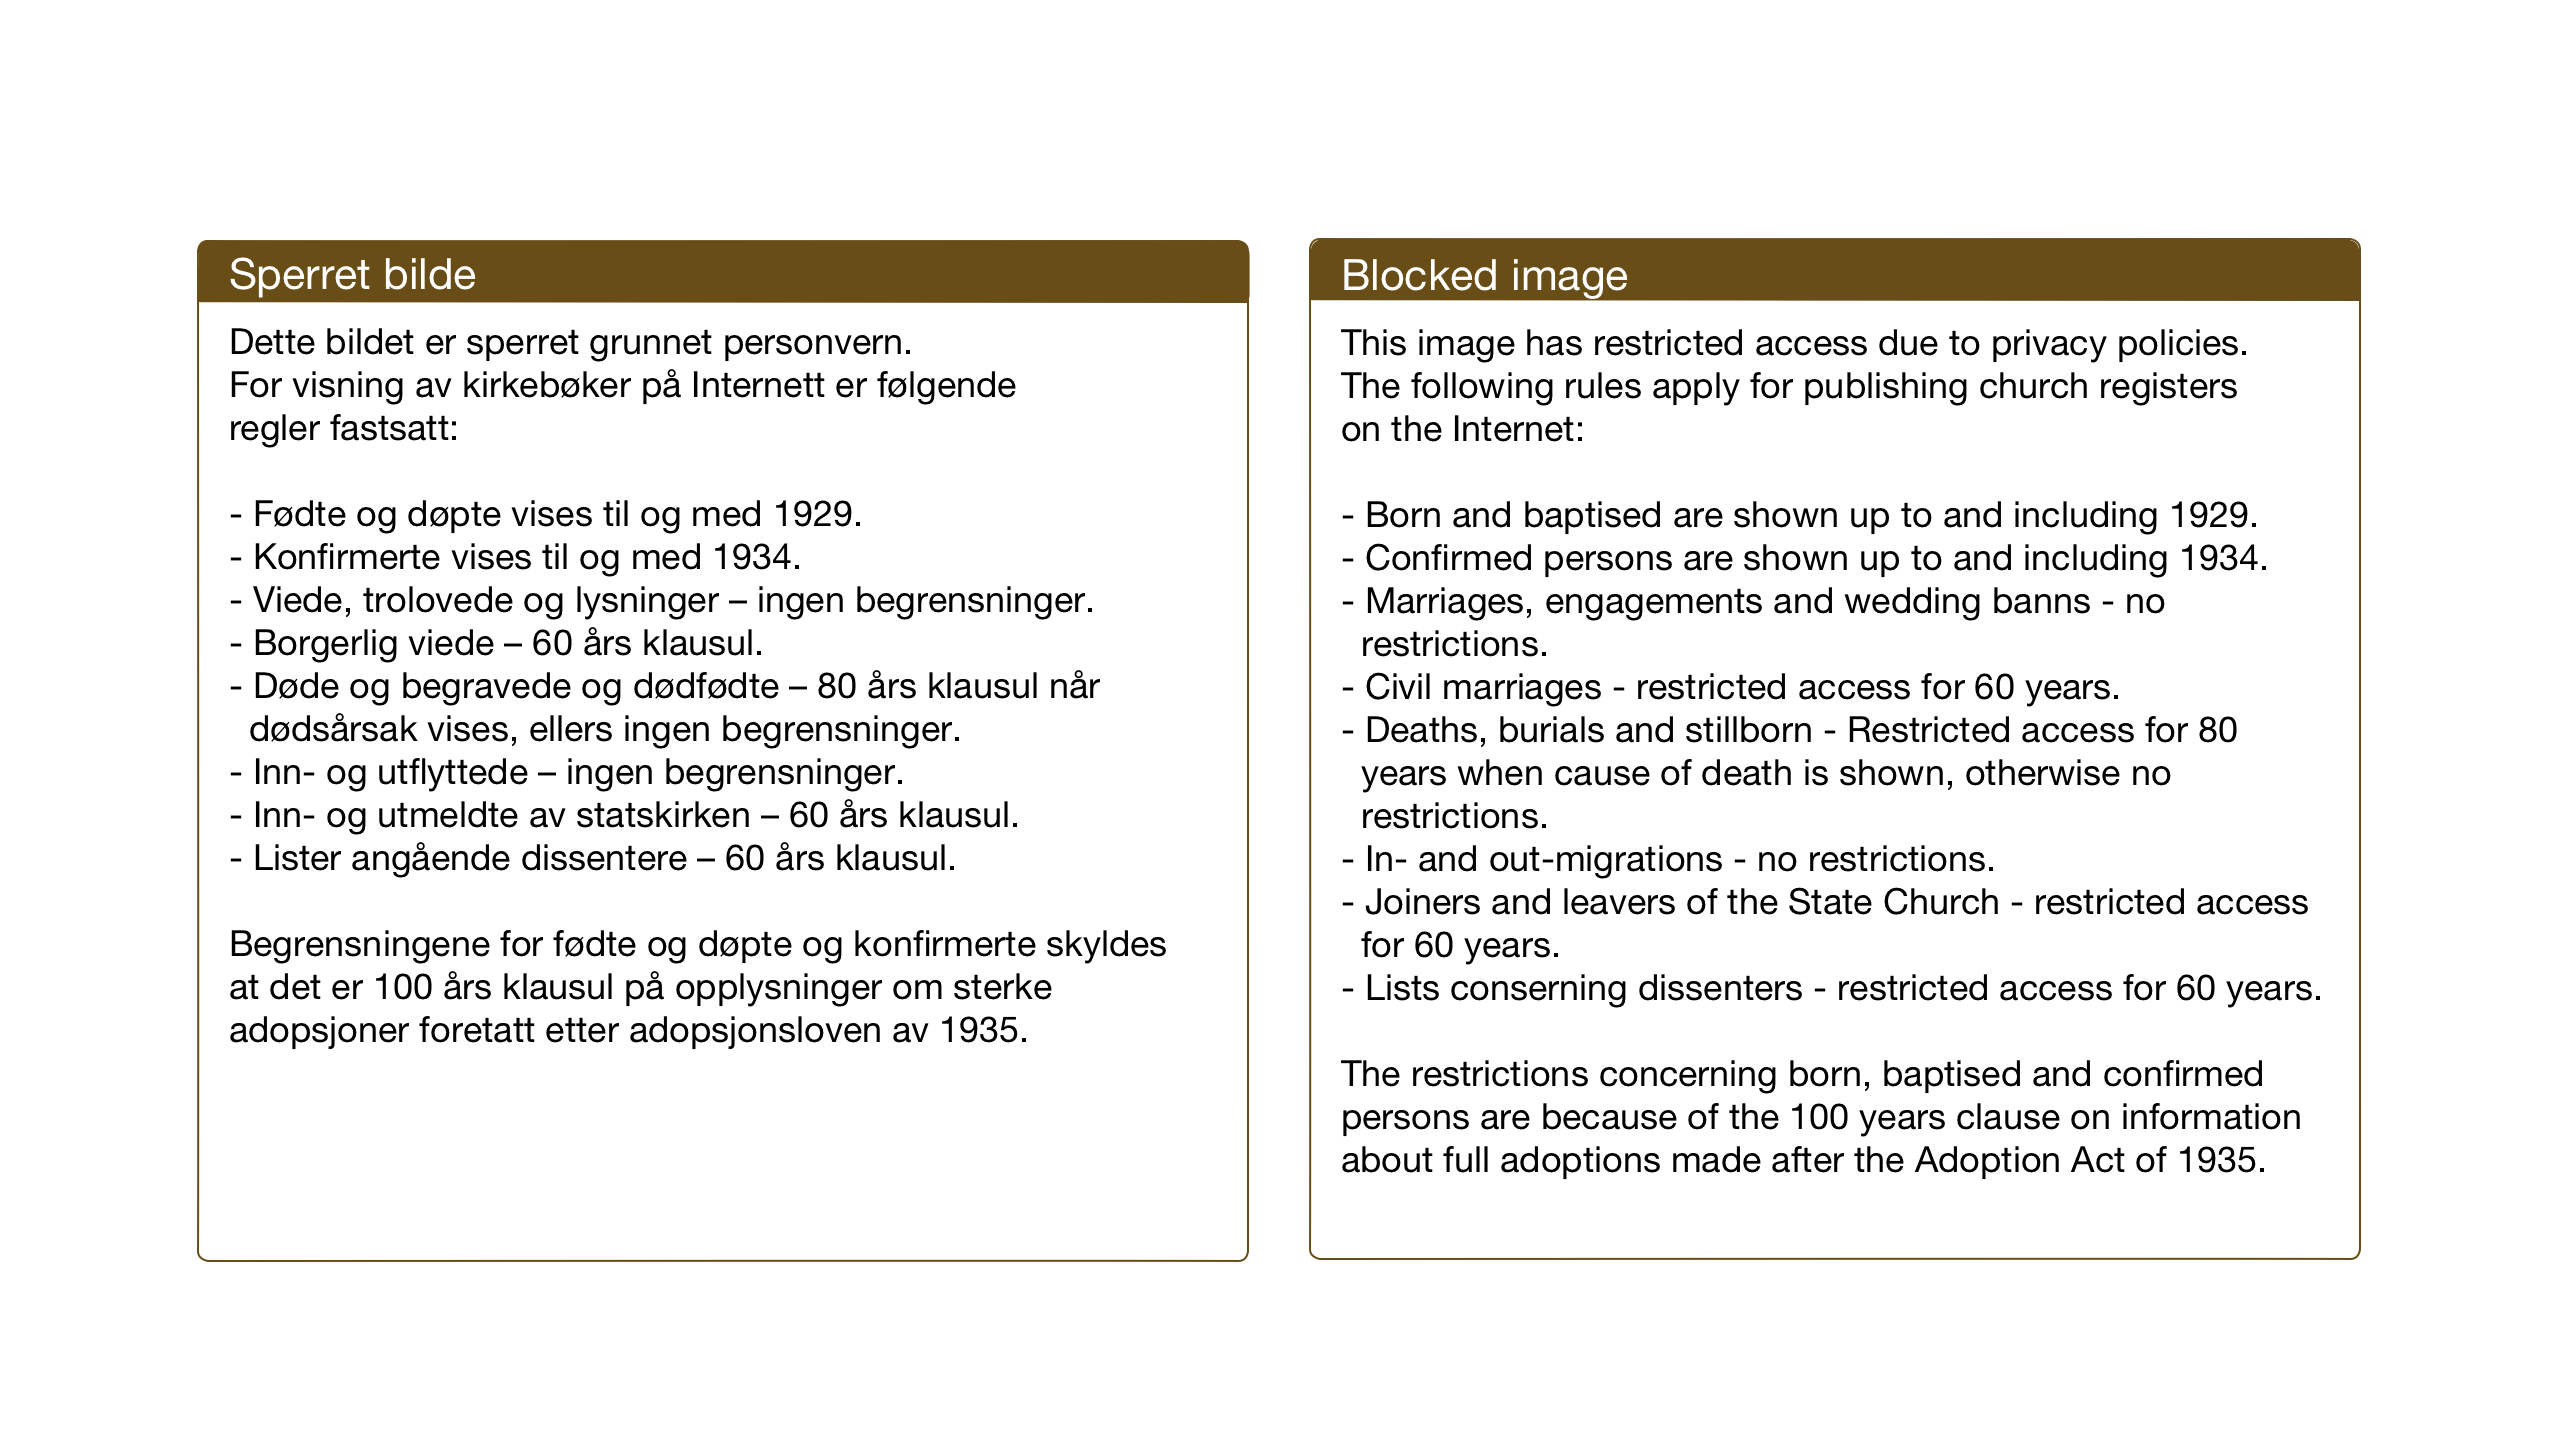 SAT, Ministerialprotokoller, klokkerbøker og fødselsregistre - Nord-Trøndelag, 733/L0328: Klokkerbok nr. 733C03, 1919-1966, s. 16